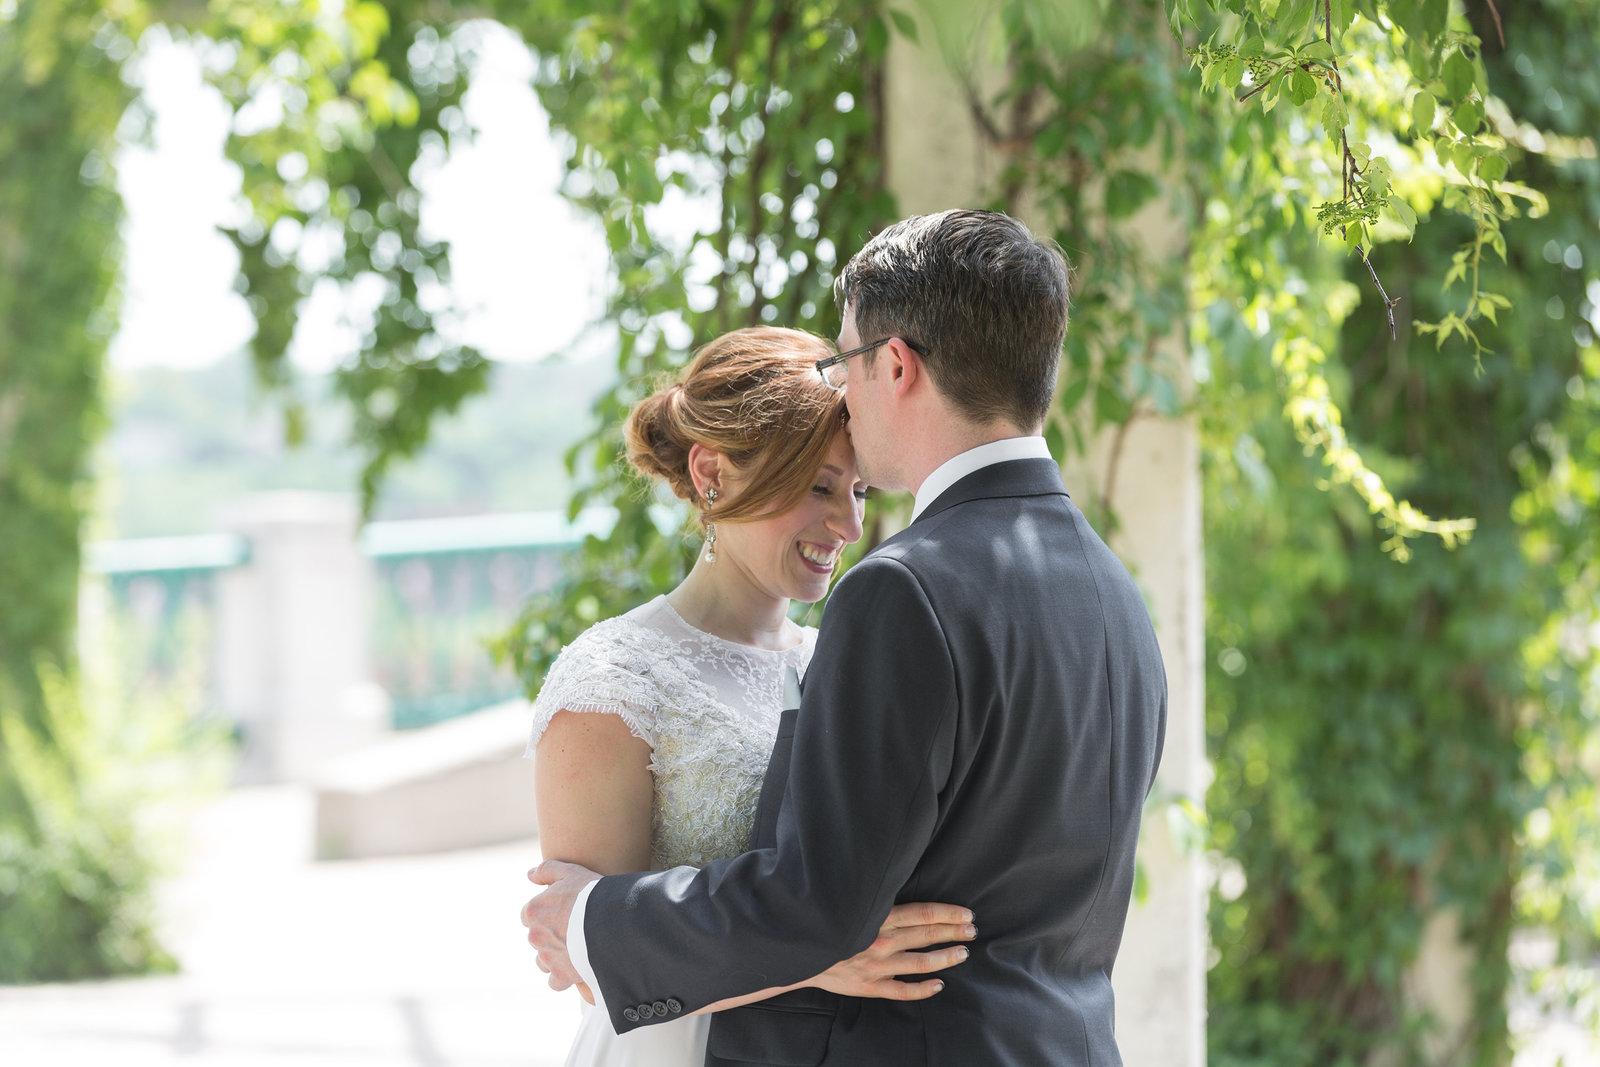 AE3L9985Angela-Elisabeth-Portraits-Wedding-